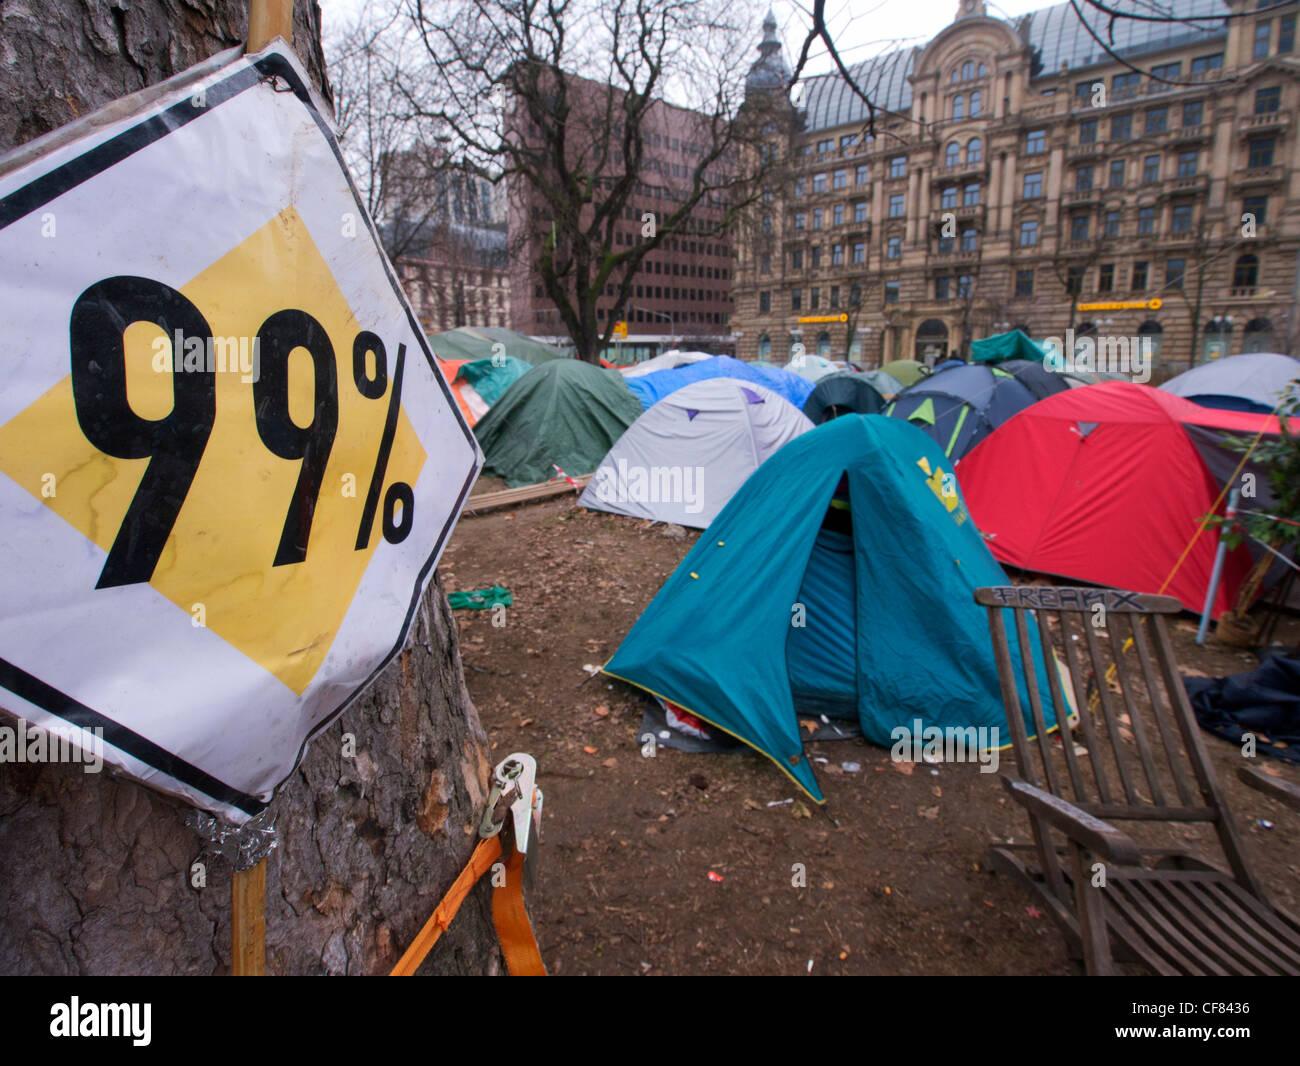 Sito di occupare la protesta di Francoforte sito esterno Banca centrale europea (BCE) sede di Francoforte Germania Immagini Stock